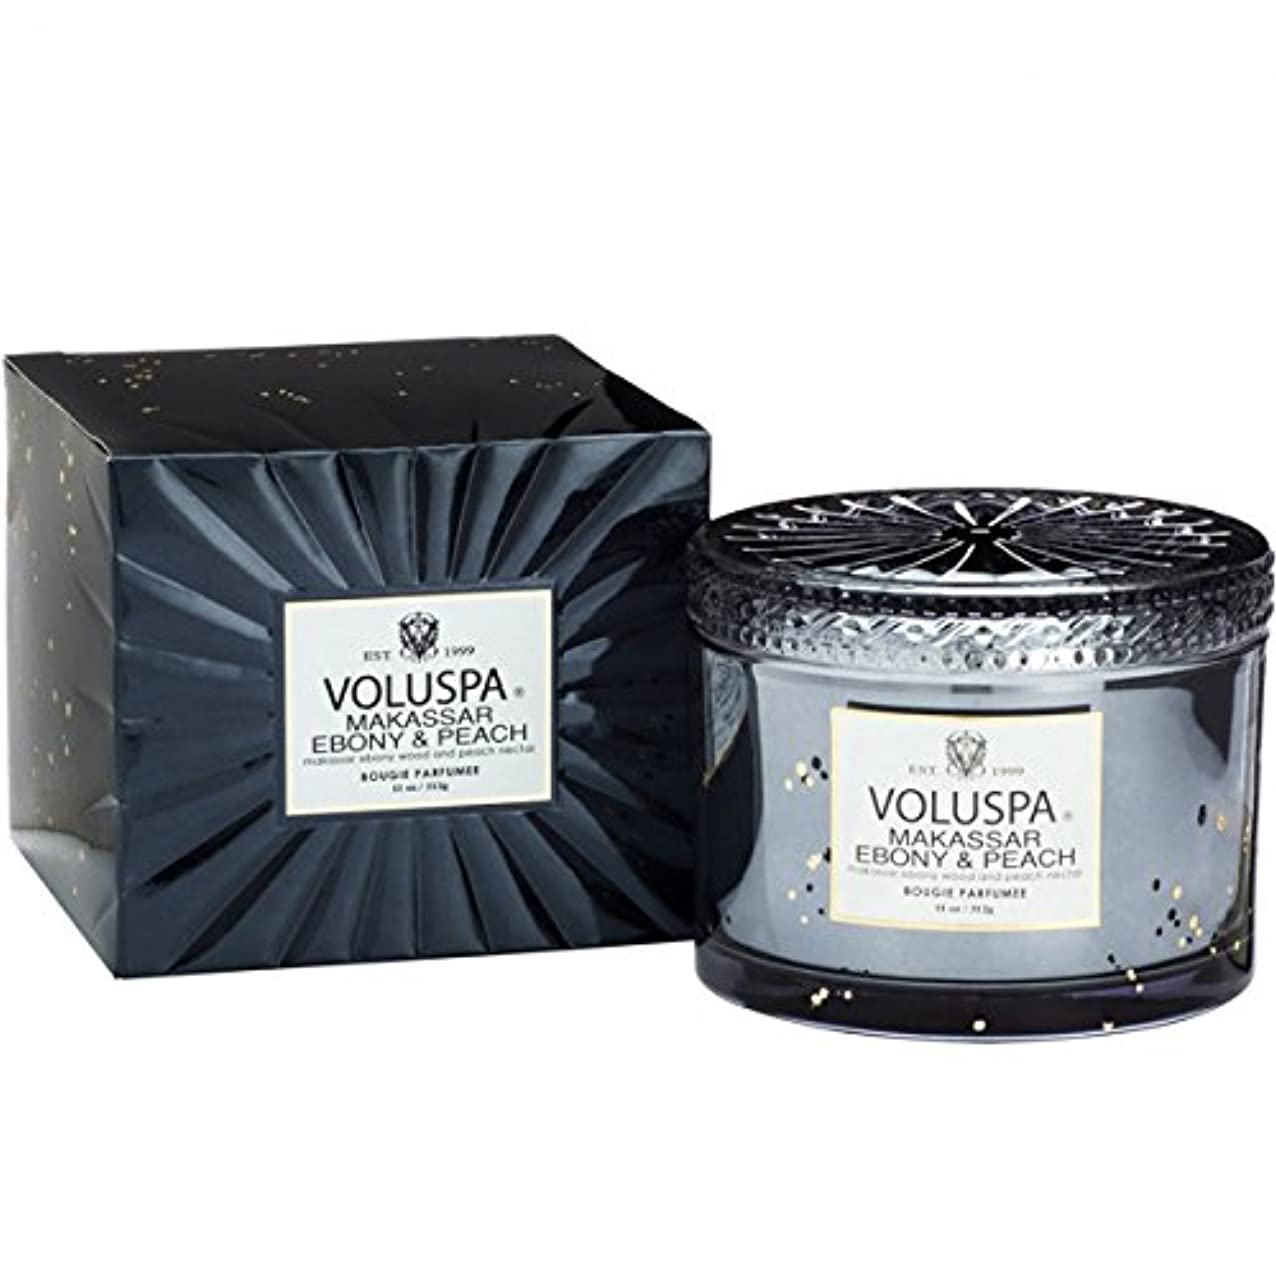 量で浴司令官Voluspa ボルスパ ヴァーメイル ボックス入り グラスキャンドル マカッサルエホ?ニー&ヒ?ーチ MAKASSAR EBONY&PEACH VERMEIL BOX Glass Candle